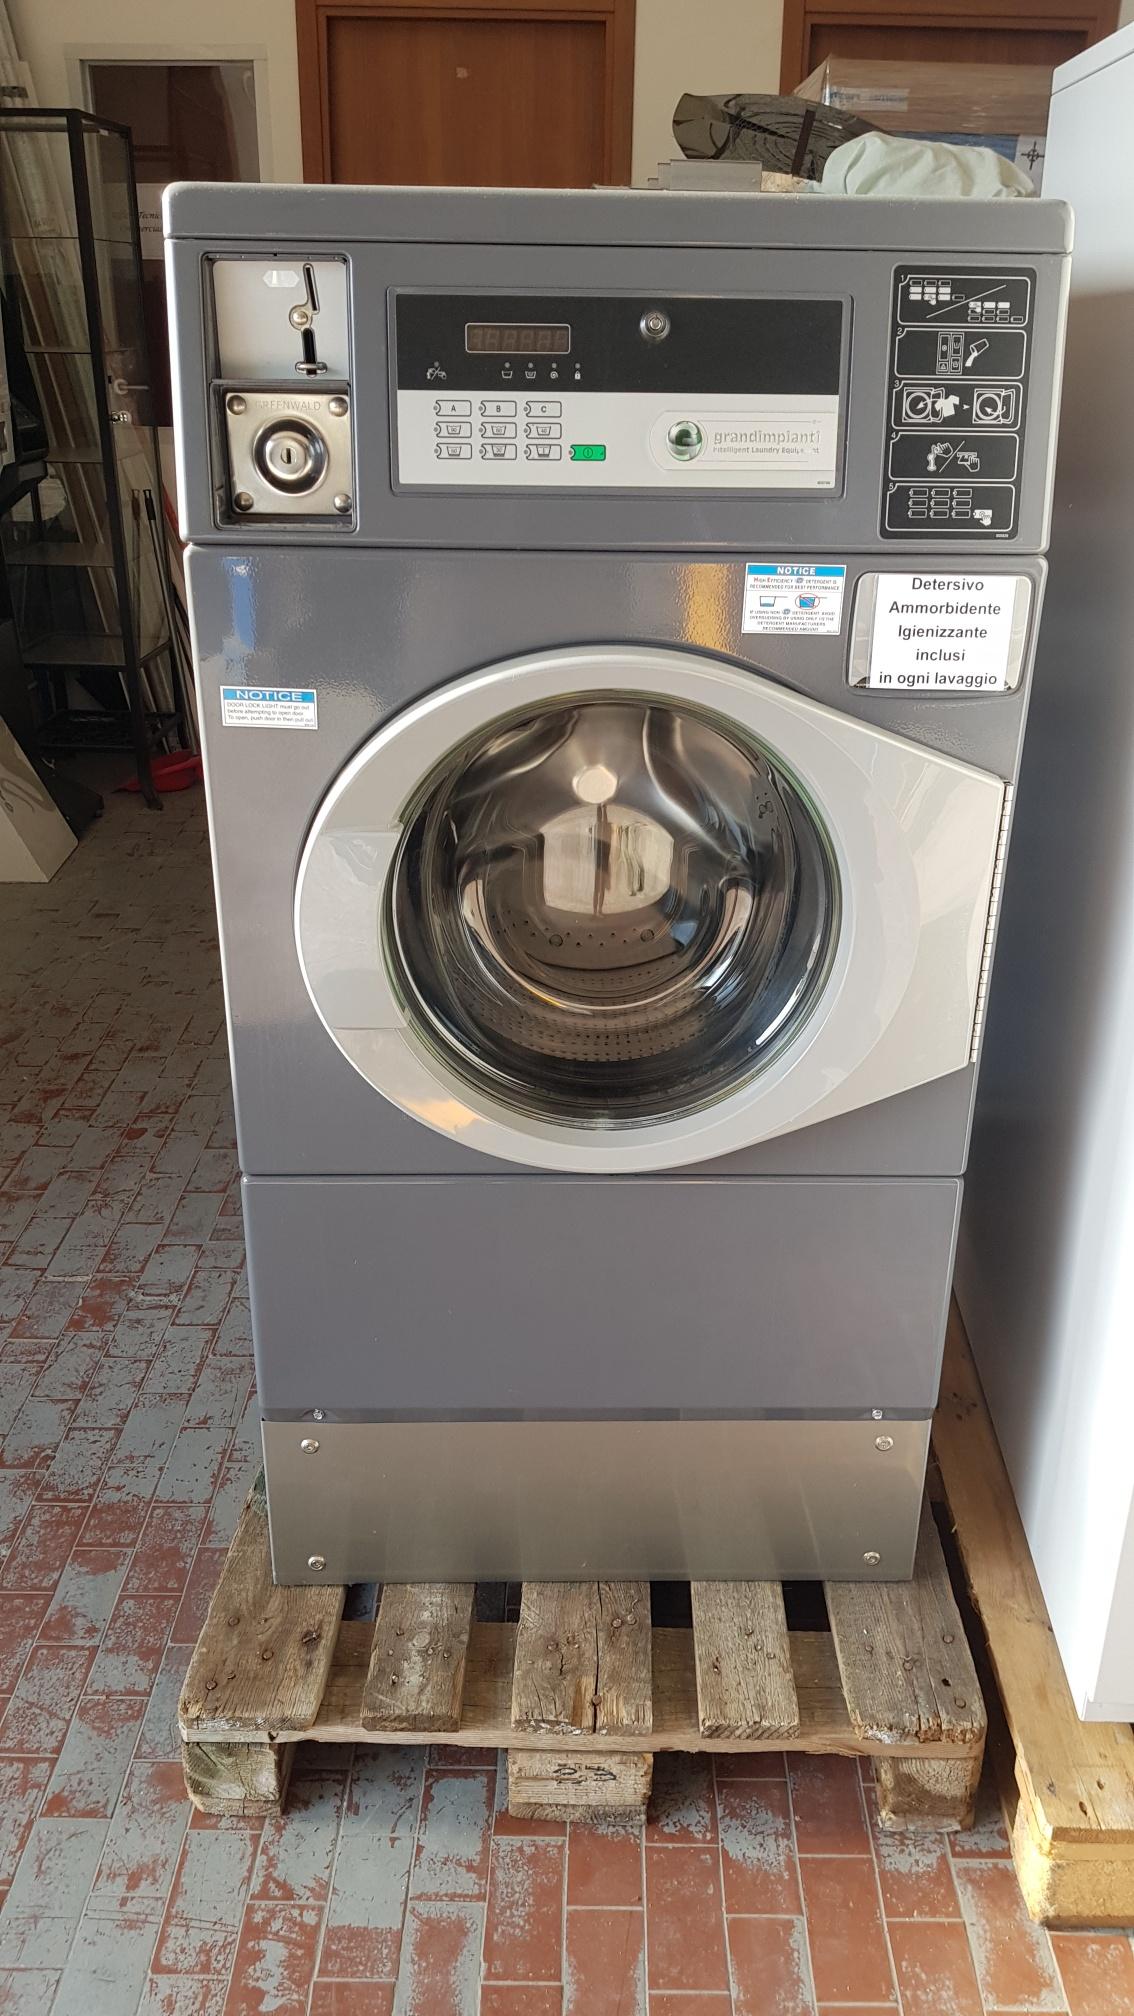 lavatrice 10kg con gettoniera 2pz disponibili €2500 cad anche a noleggio